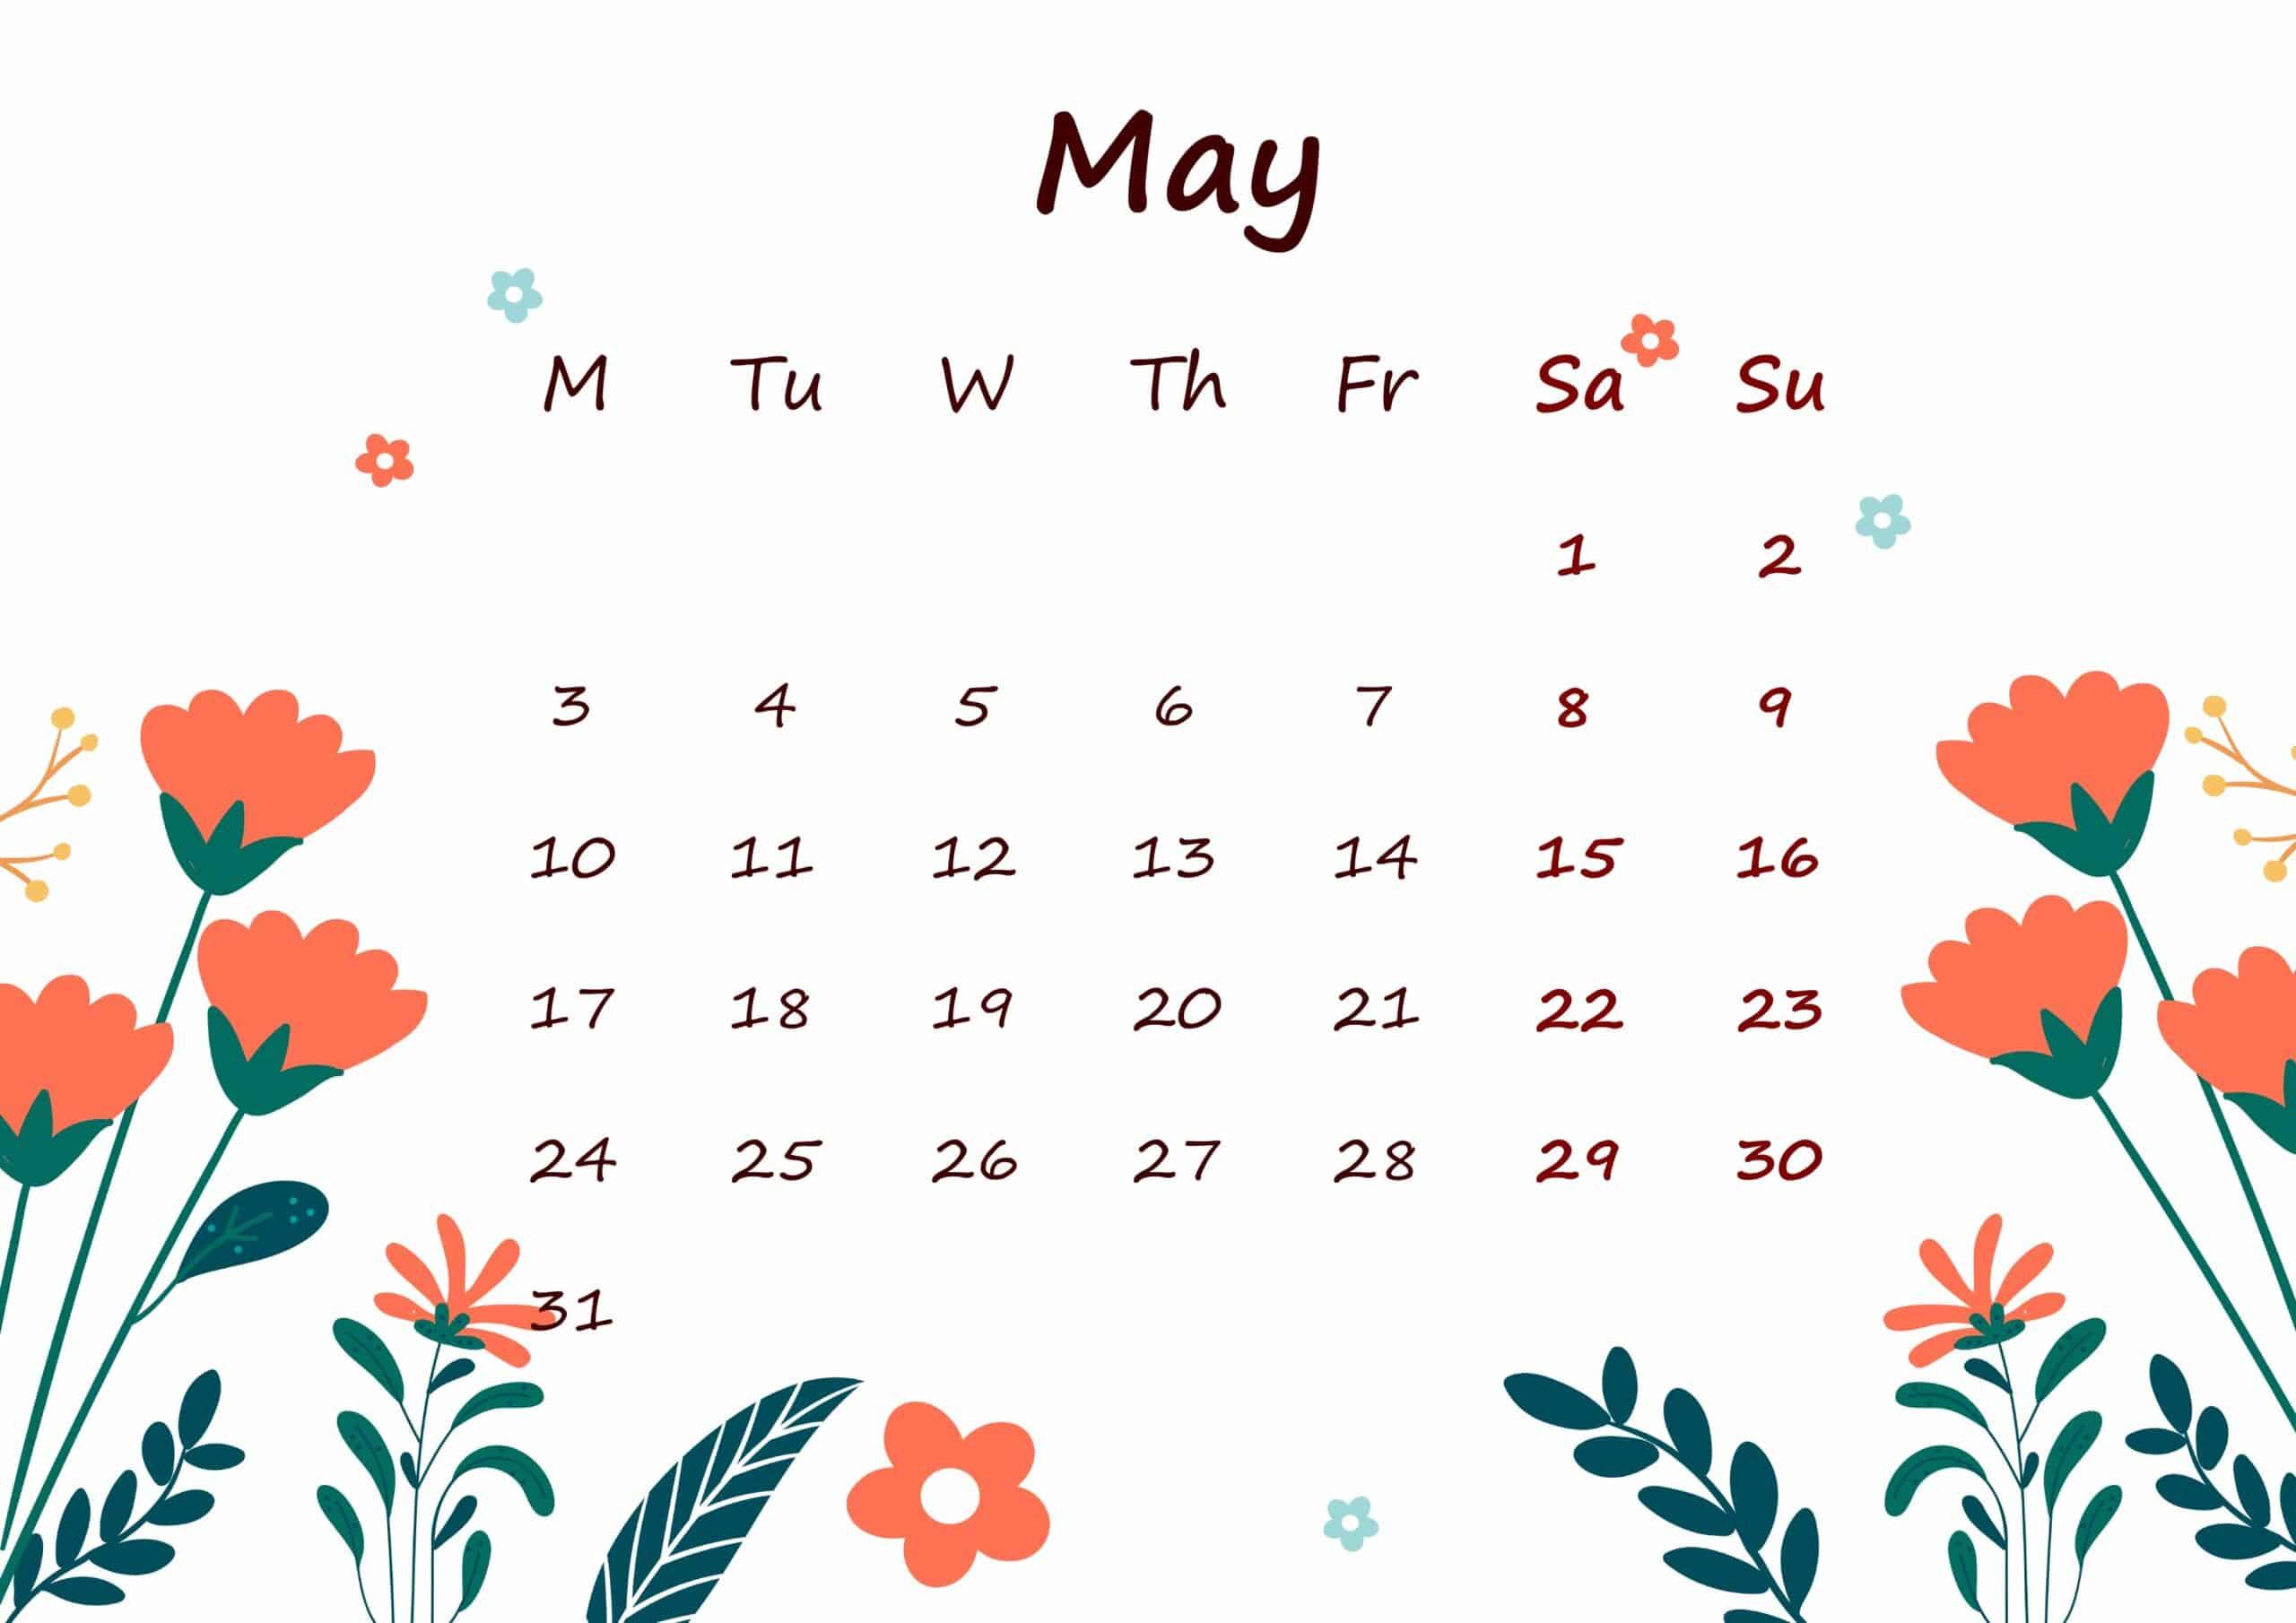 May 2021 Calendar Printable For Kids